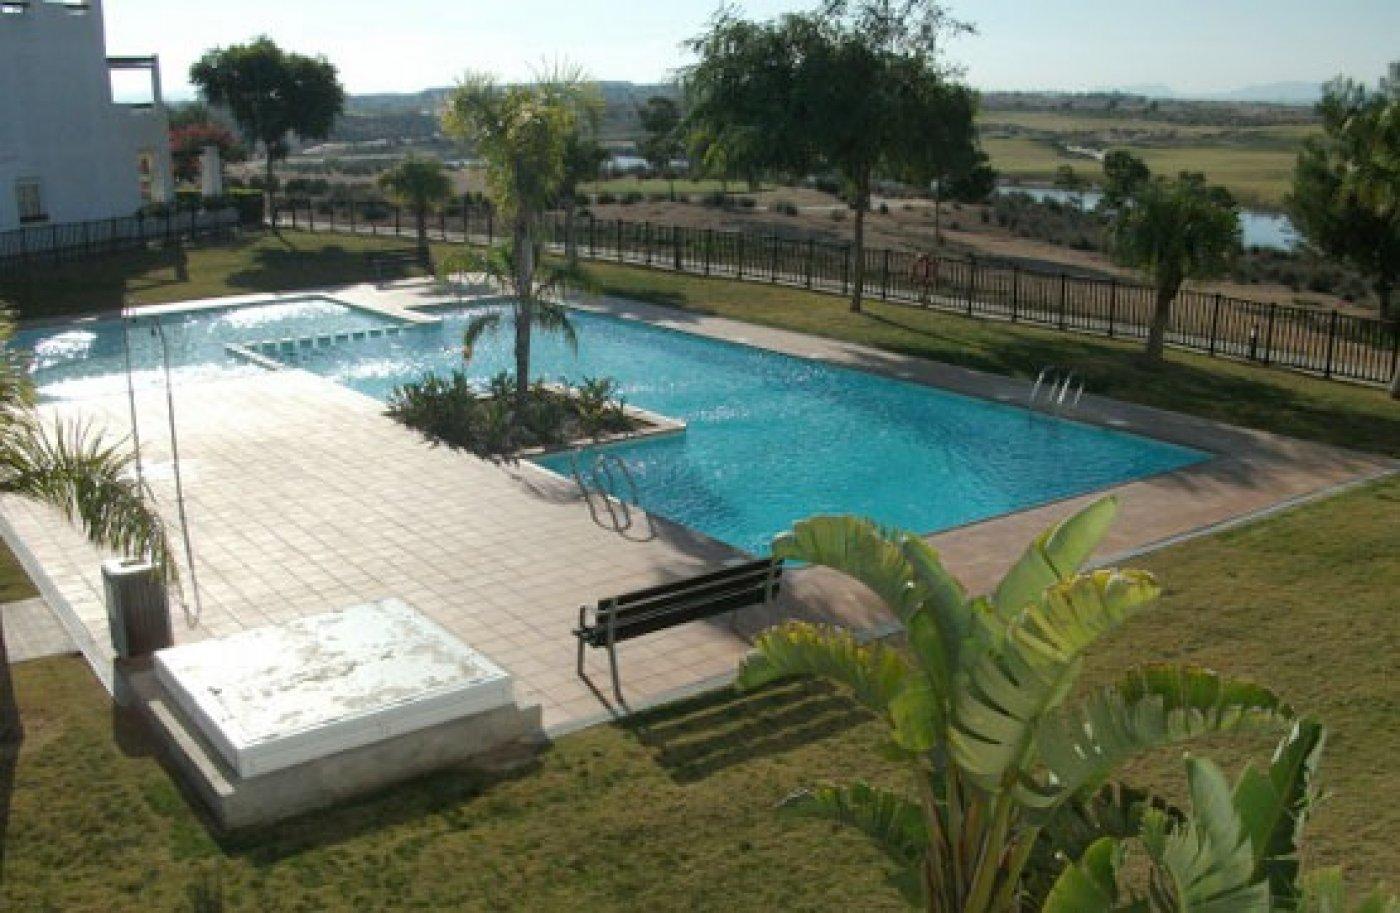 Apartment ref 2797 for sale in Condado De Alhama Spain - Quality Homes Costa Cálida